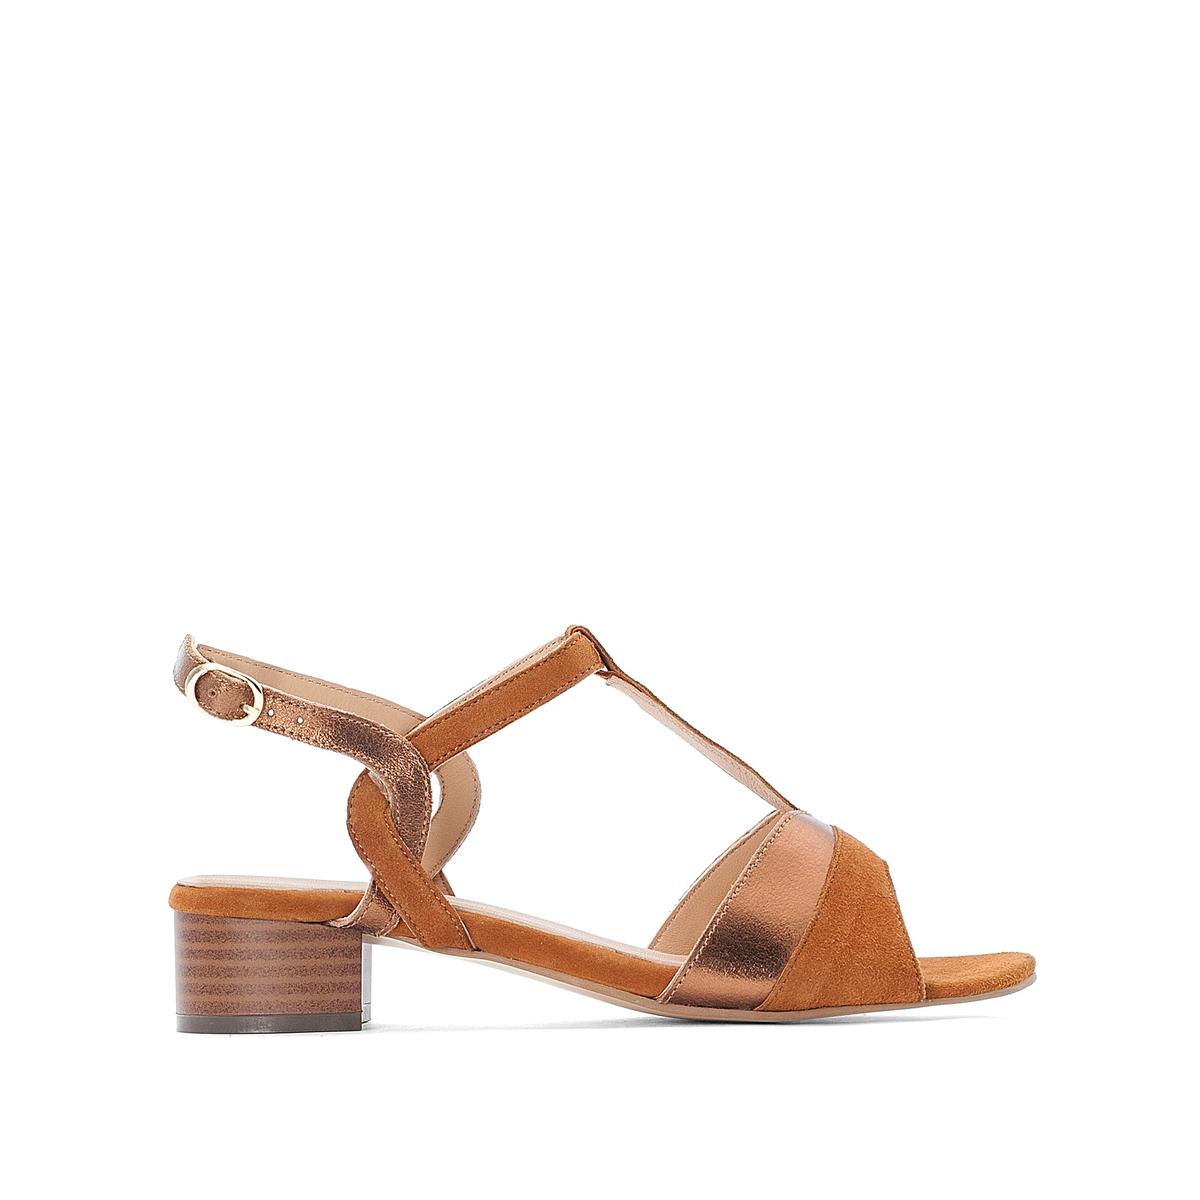 Босоножки La Redoute Двухцветные на среднем каблуке 38 каштановый туфли la redoute на среднем каблуке с питоновым принтом 36 каштановый